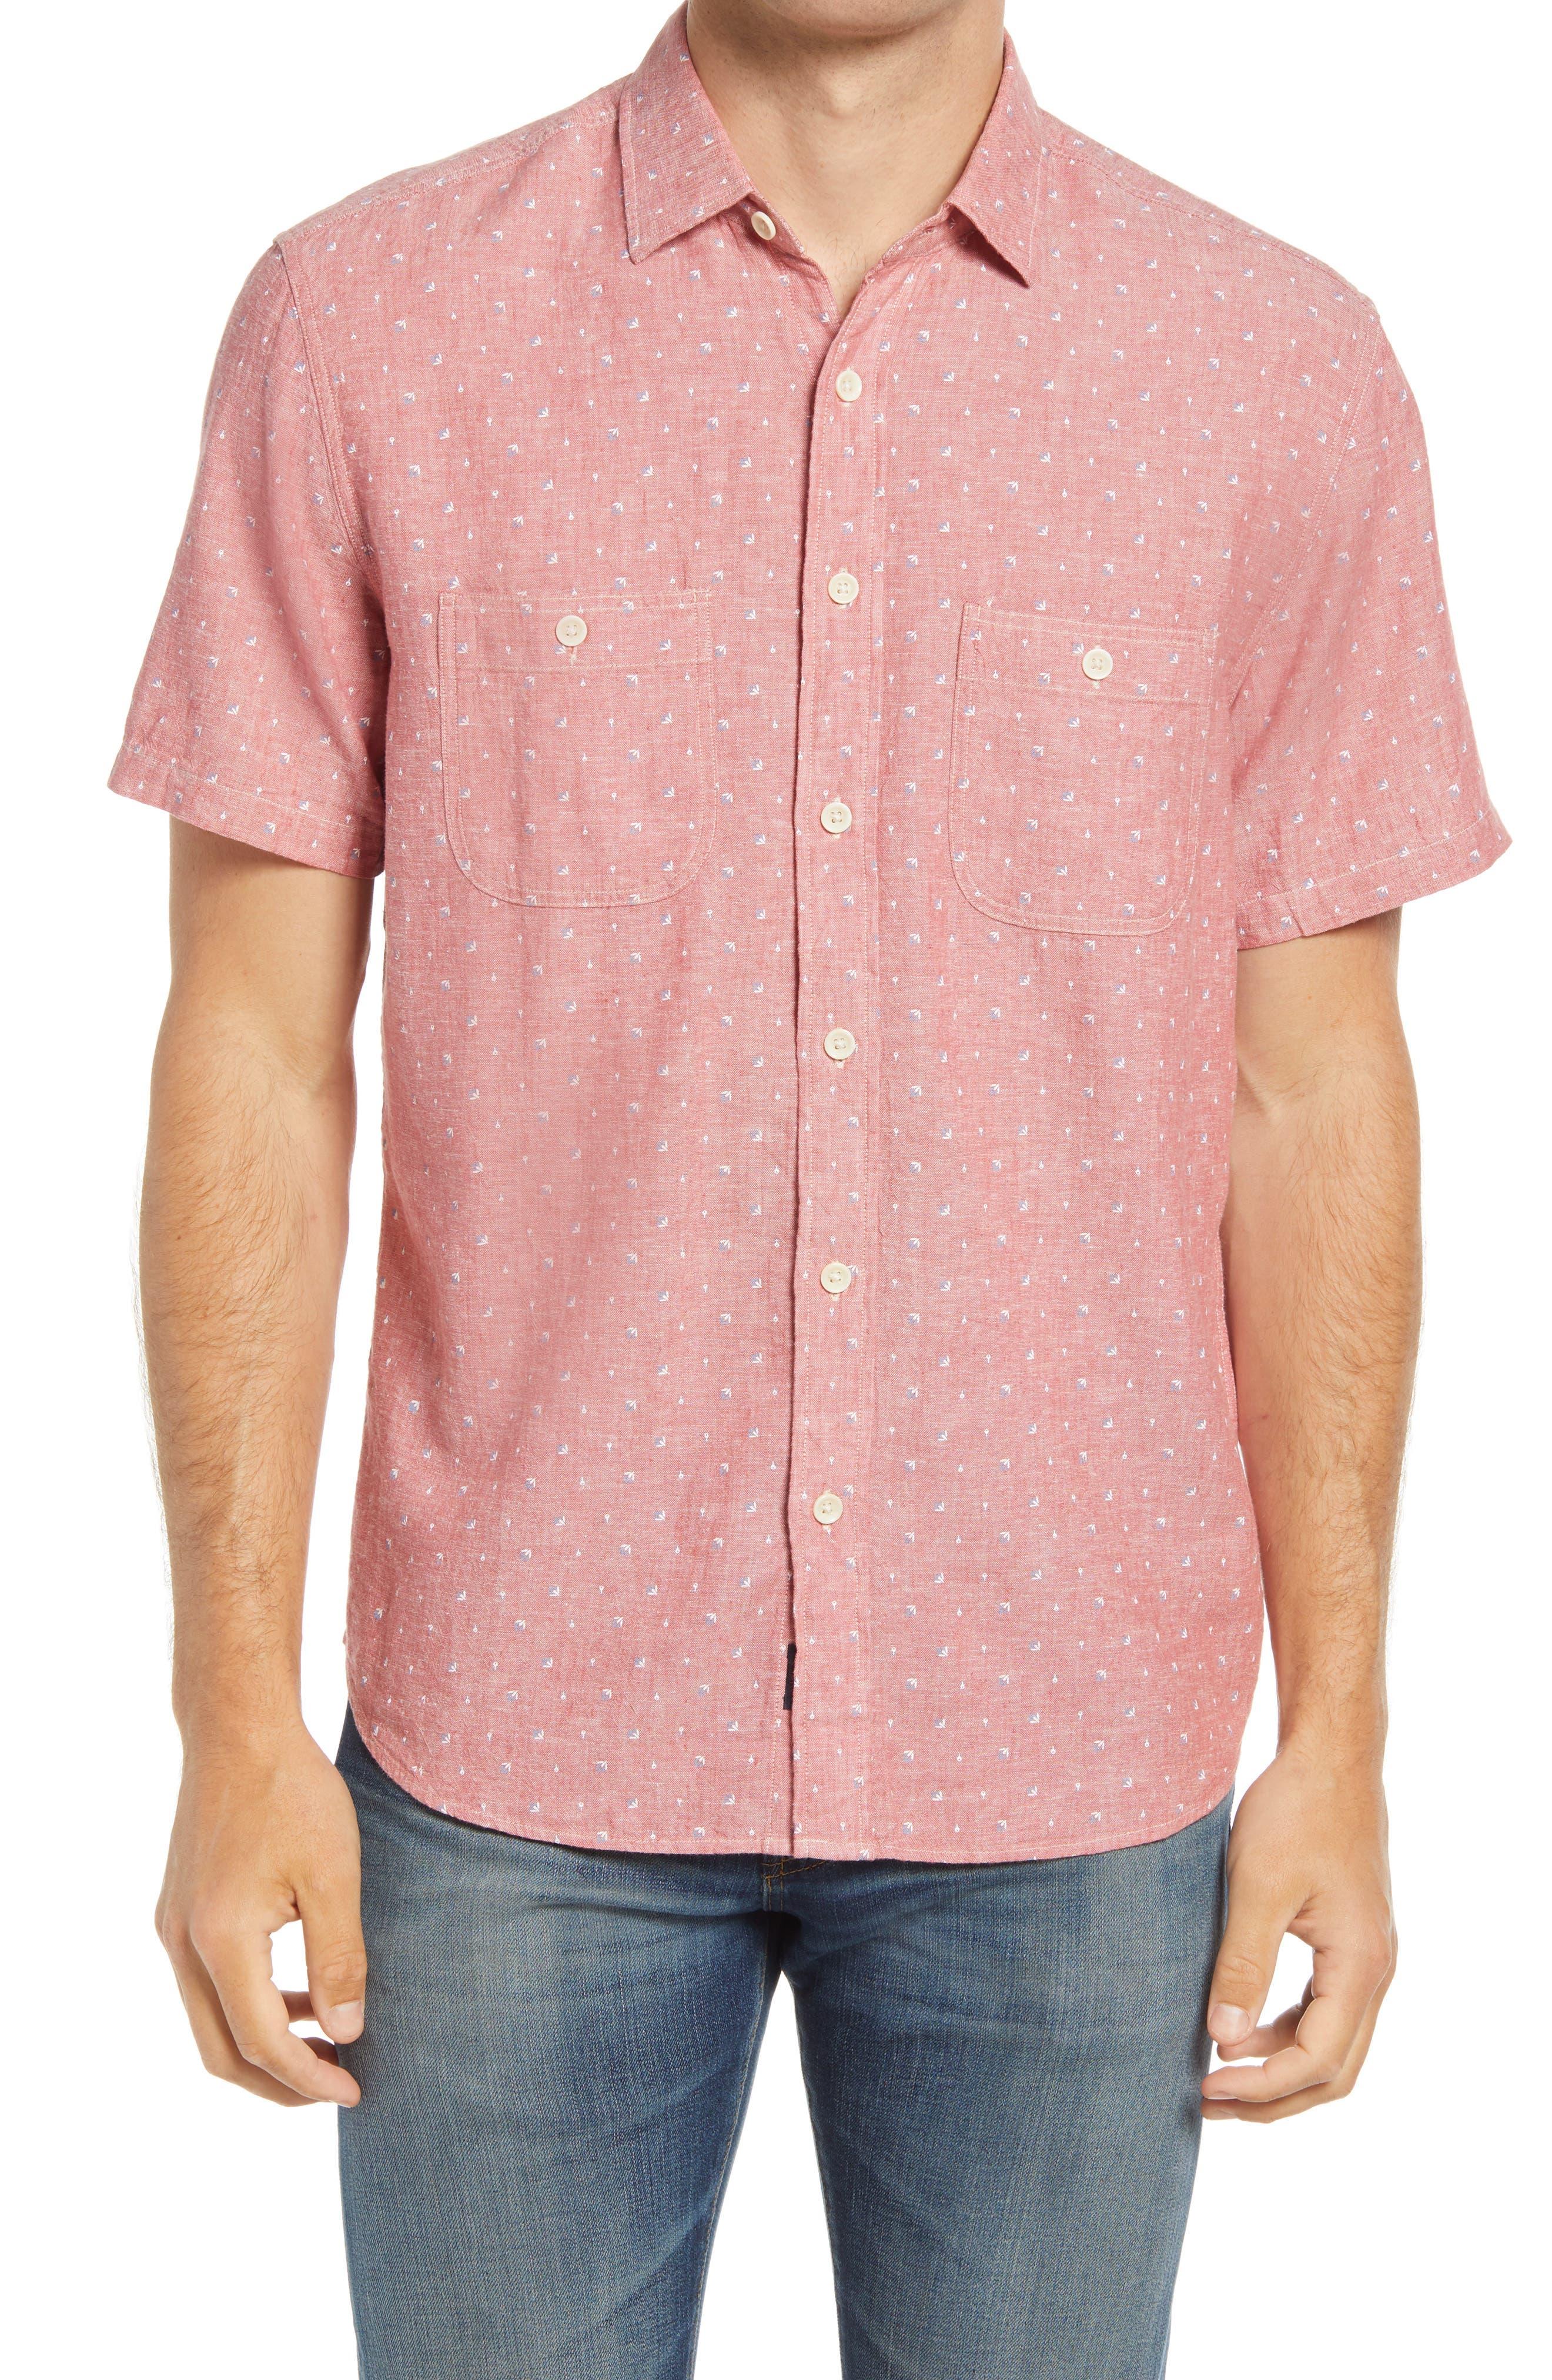 Island Short Sleeve Linen Blend Button-Up Shirt